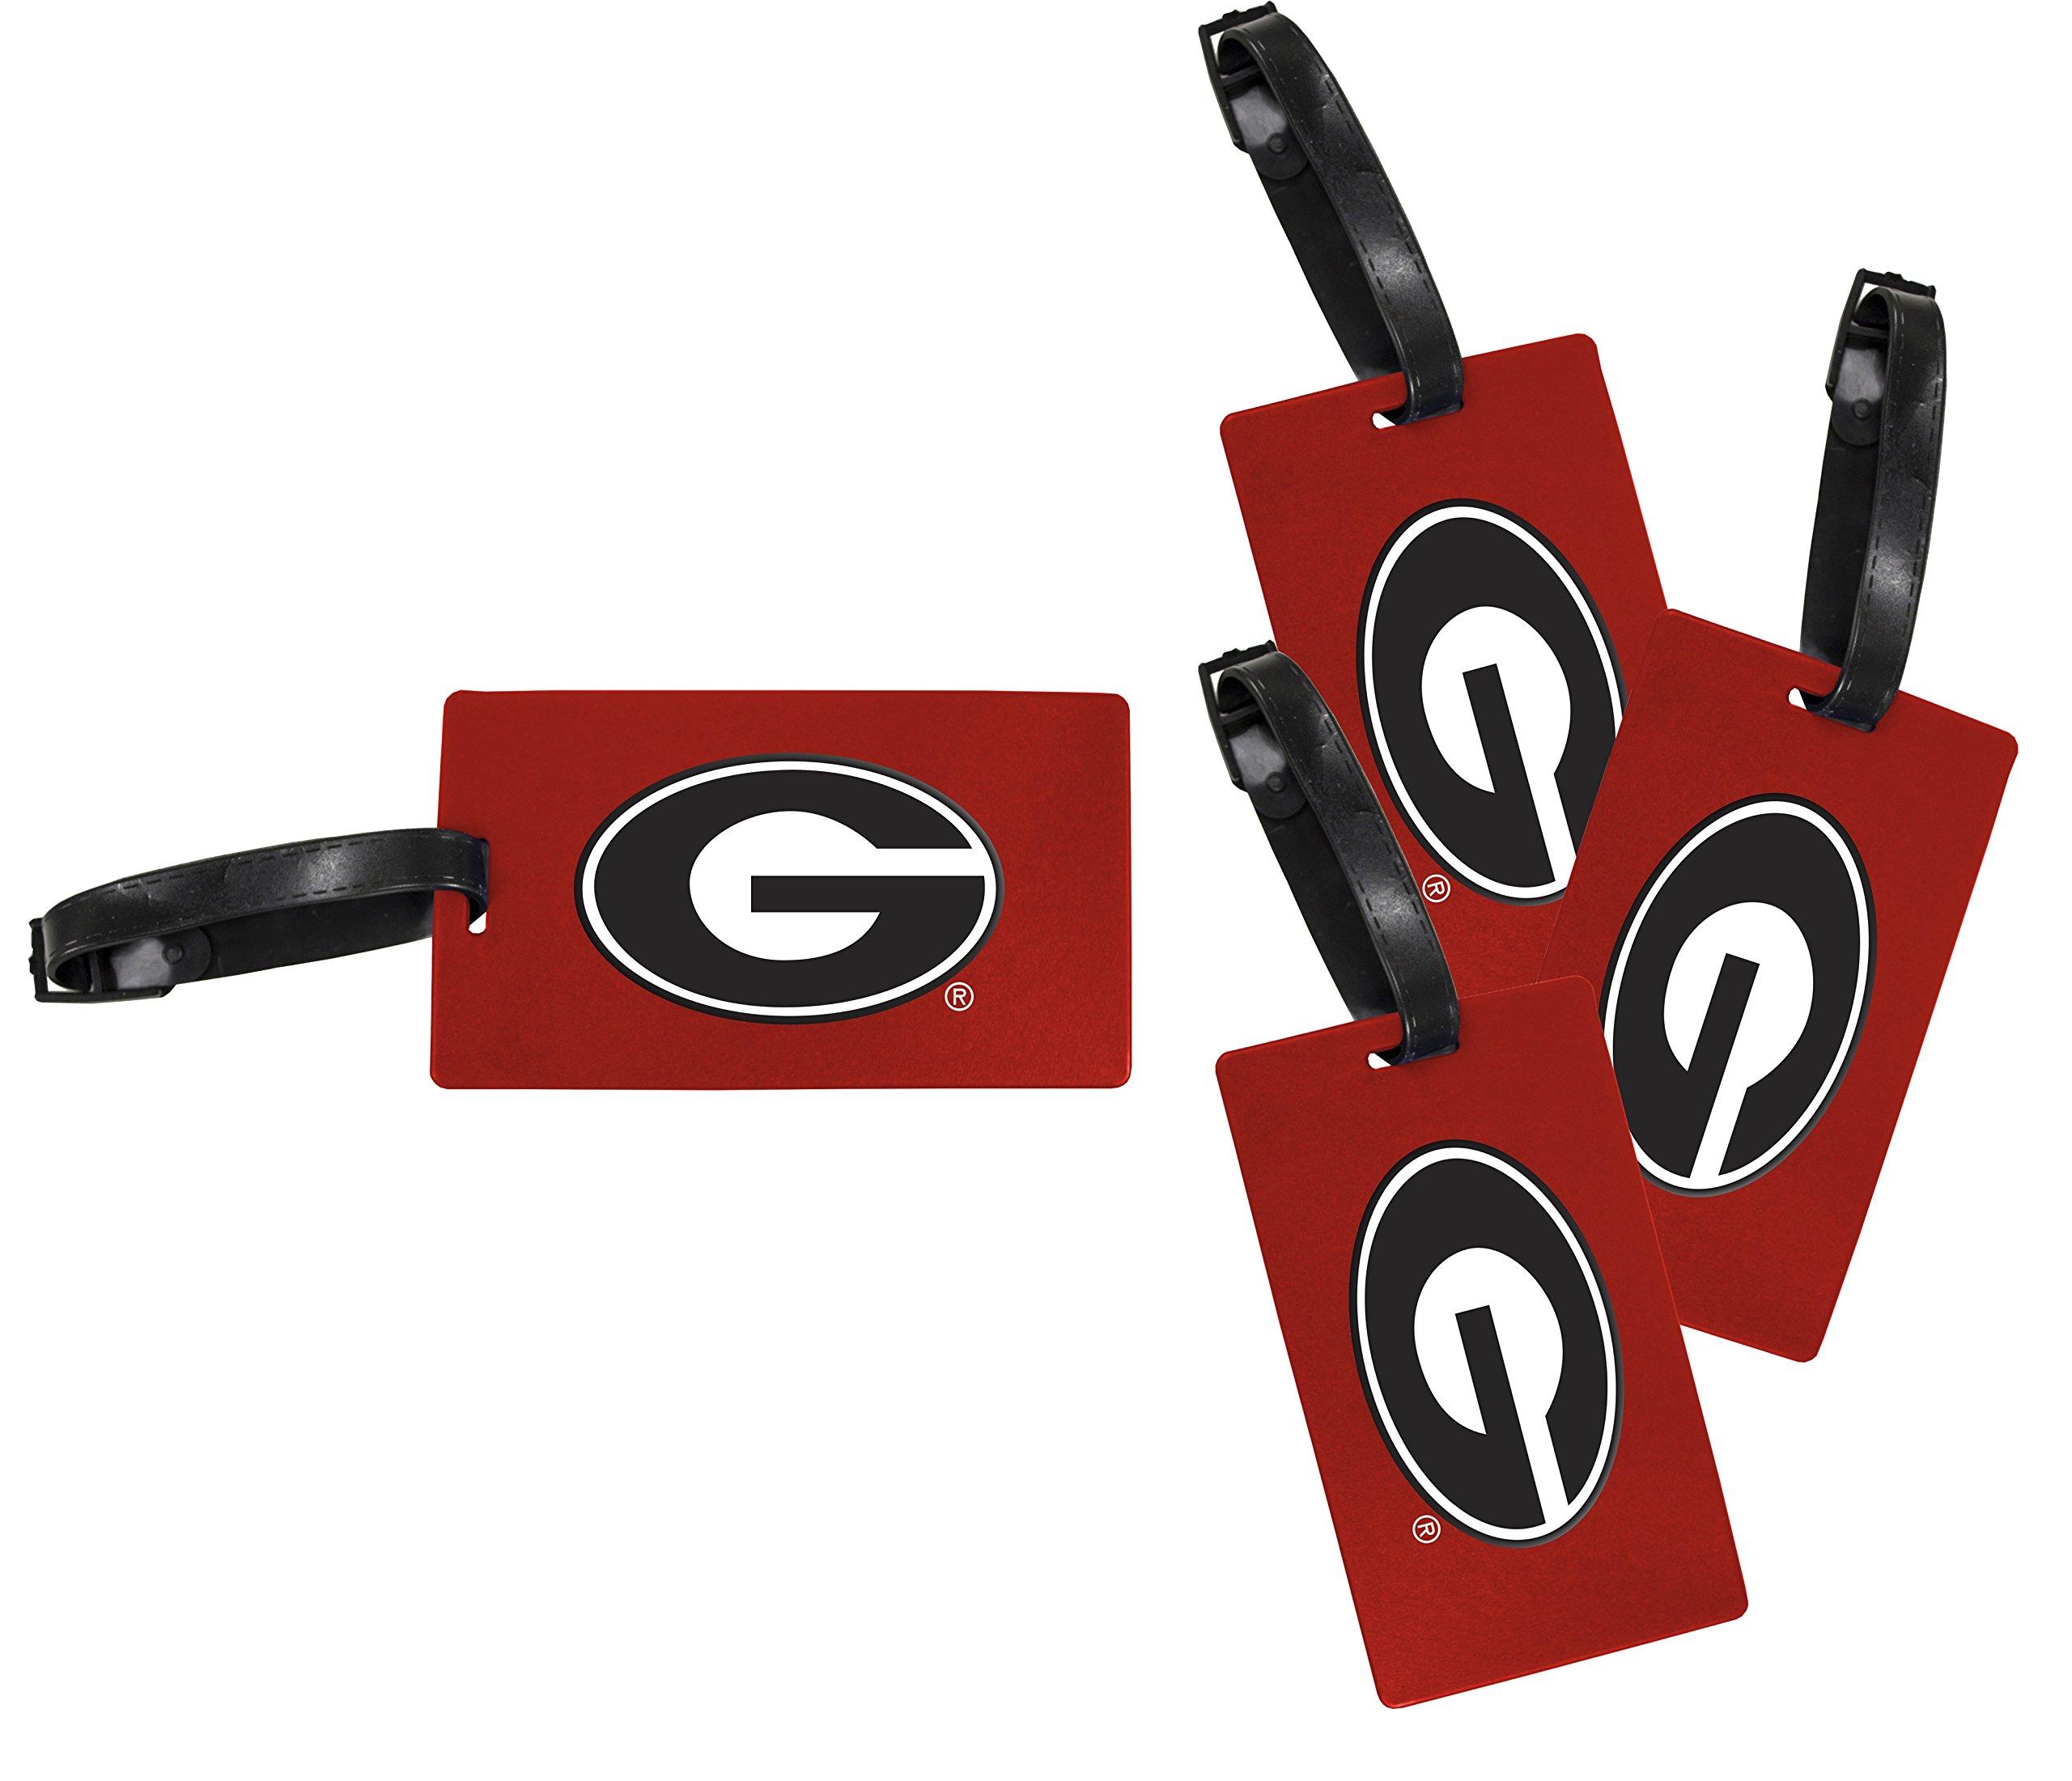 Georgia Bulldogs Luggage Tag 4-Pack